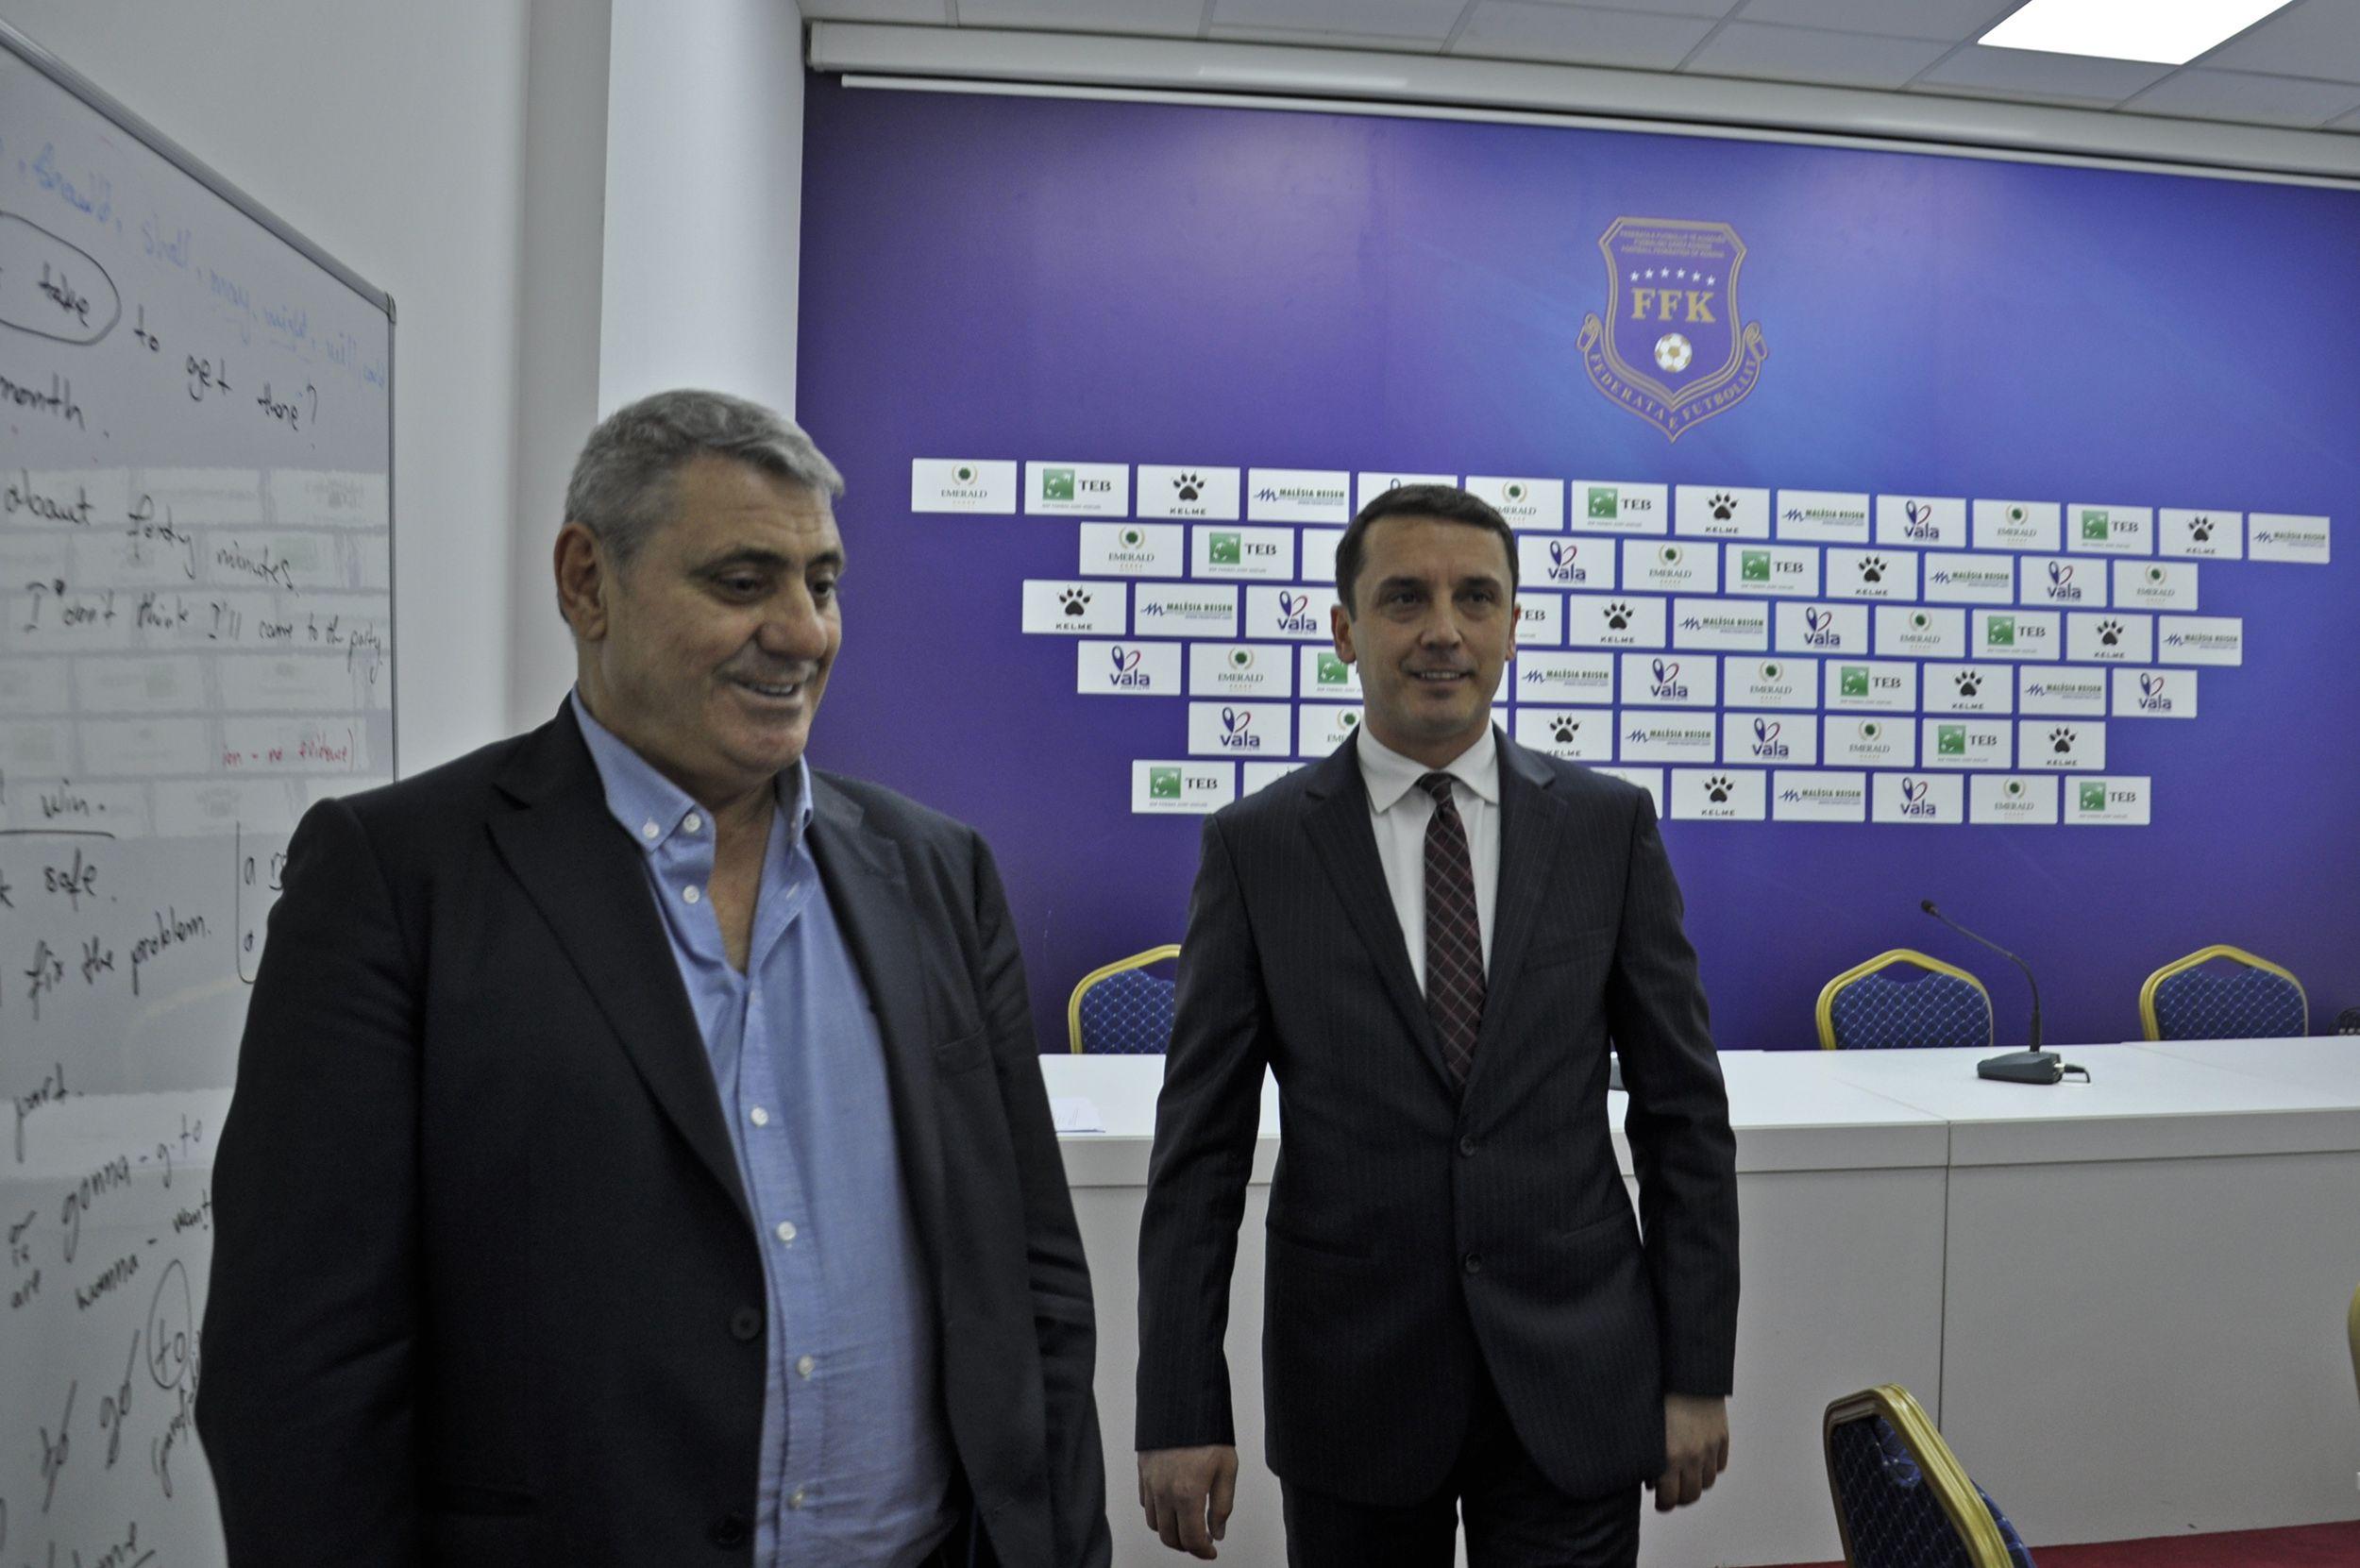 Ministri Gashi vizitoi FFK-në, në maj stadiumi i Prishtinës do të jetë i gatshëm